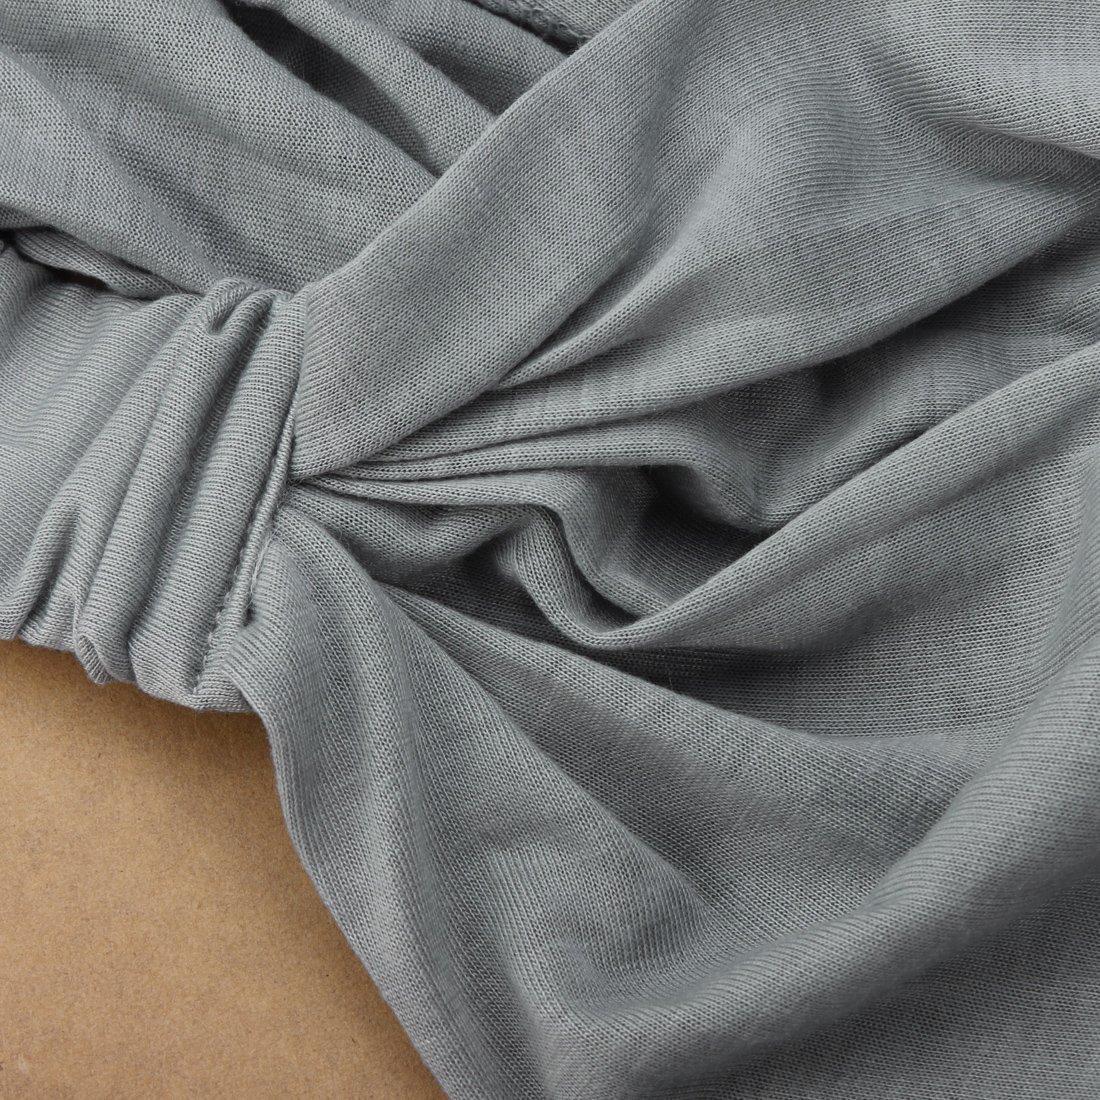 Banda de Cabeza de Pelo Moderno Panuelo de Pelo Banda de Cabeza para Deporte Yoga Carrera a pie Ocio Negro TOOGOO(R))))